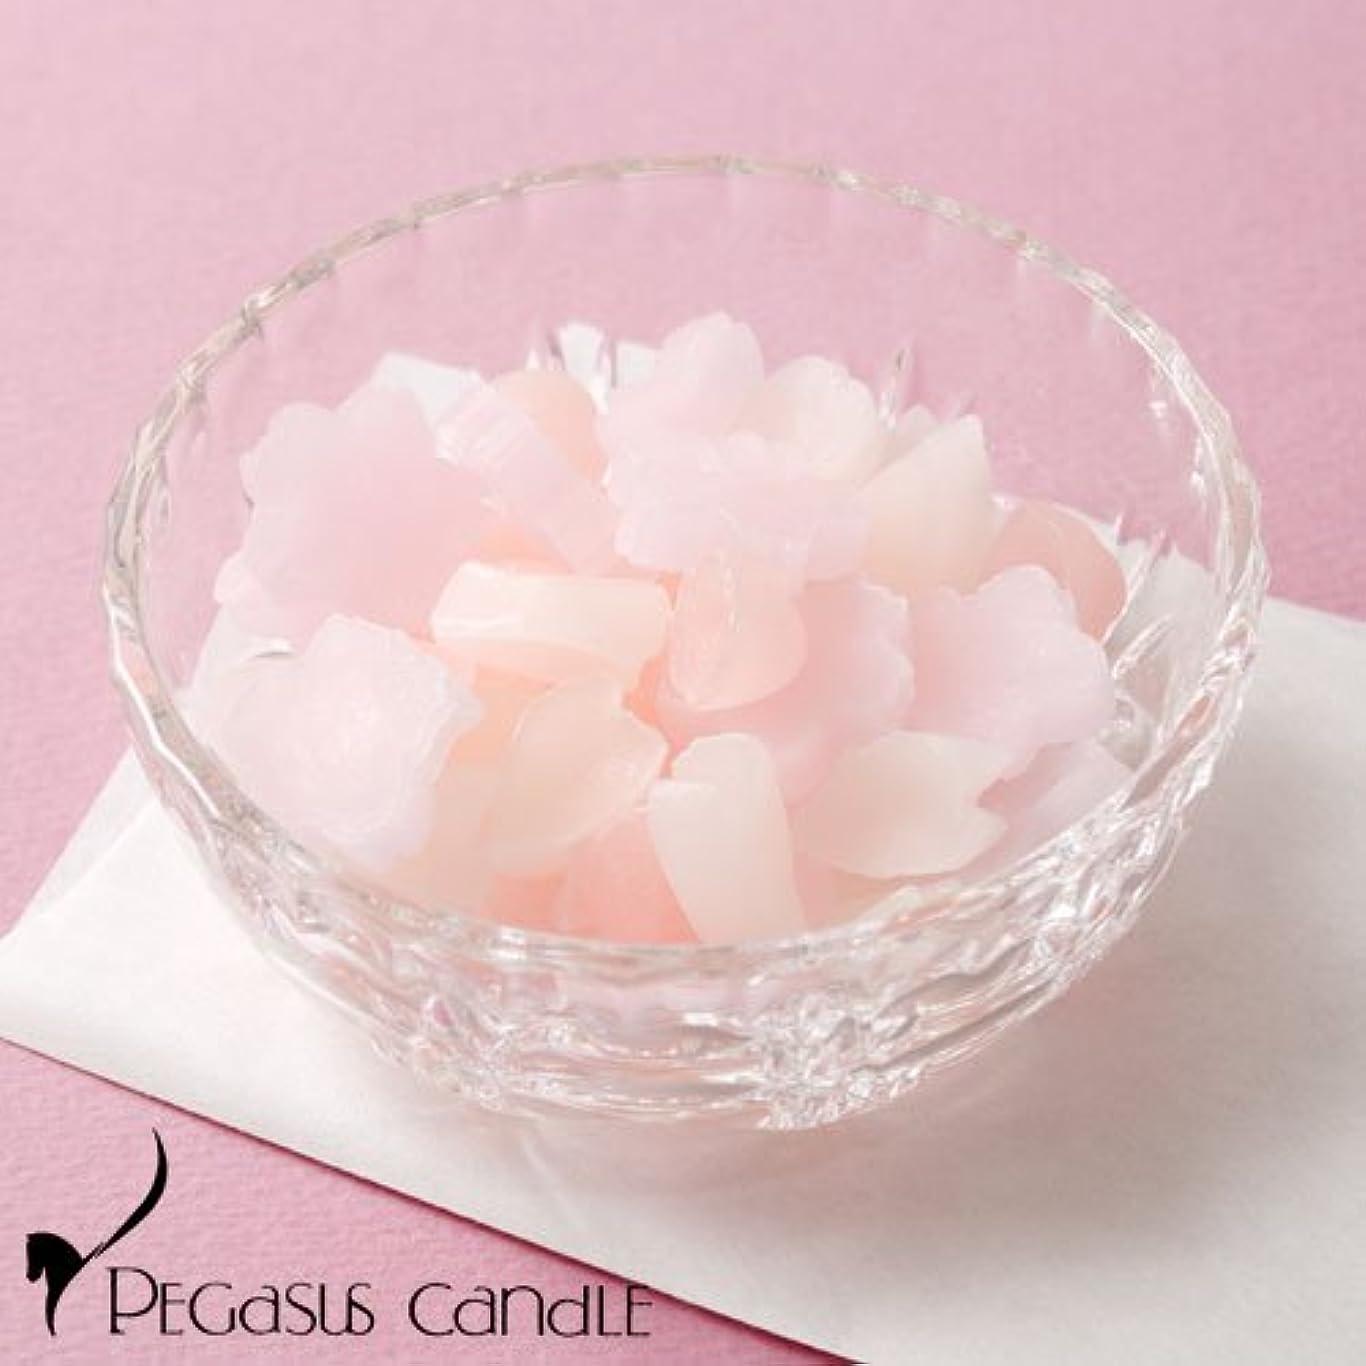 ヘルパー脱獄ファセットさくらのかおりガラス器付きの桜の芳香剤ペガサスキャンドルSakura fragrance